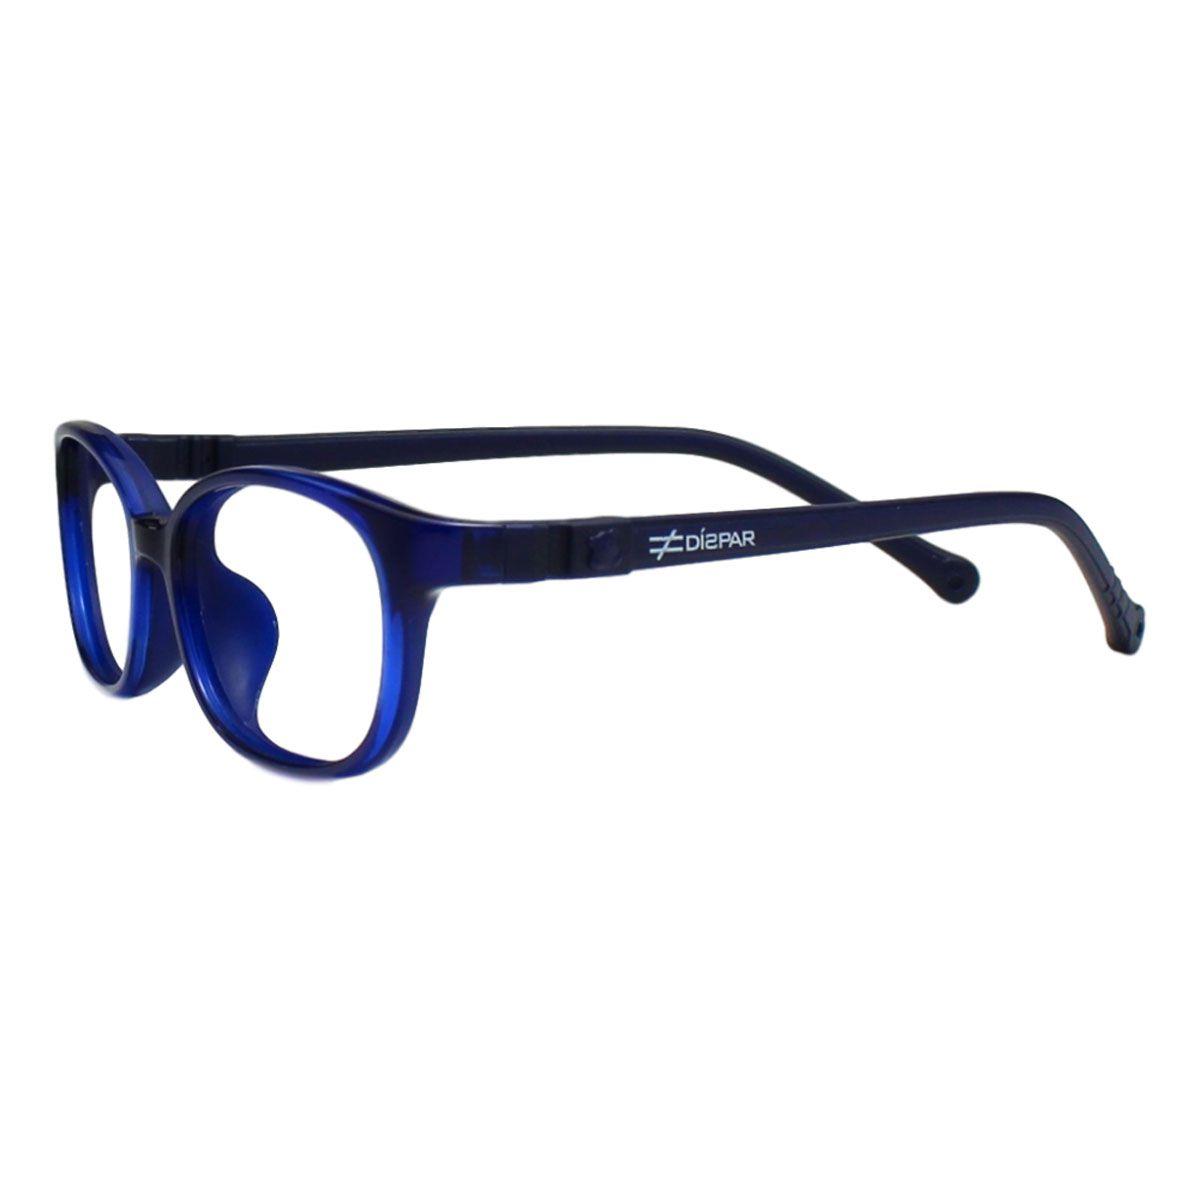 Armação para Óculos Díspar ID2100 Infantil 6 a 9 anos Flexível - Azul